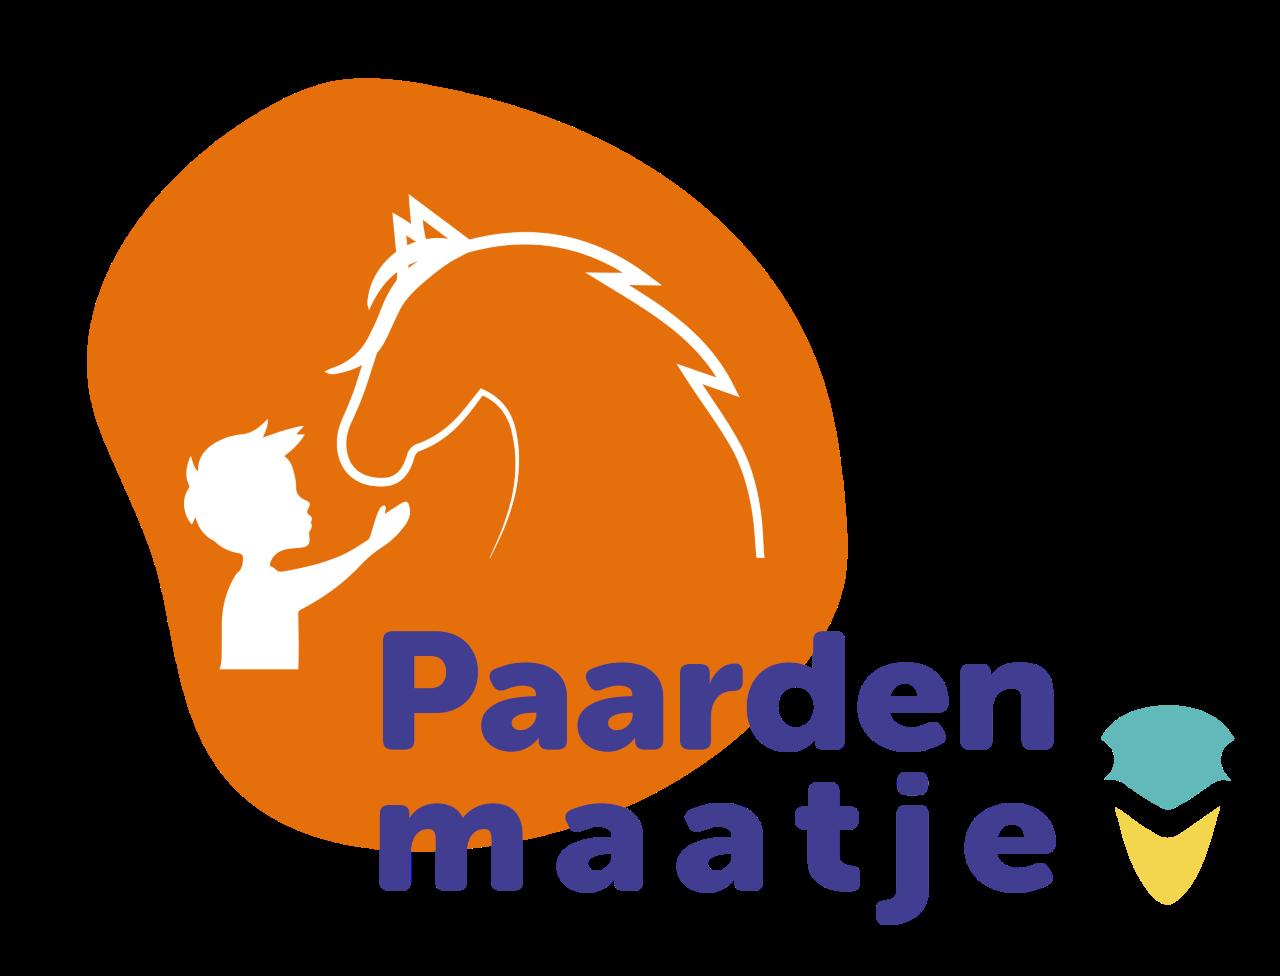 Paardenmaatje voor minimakinderen Krimpenerwaard